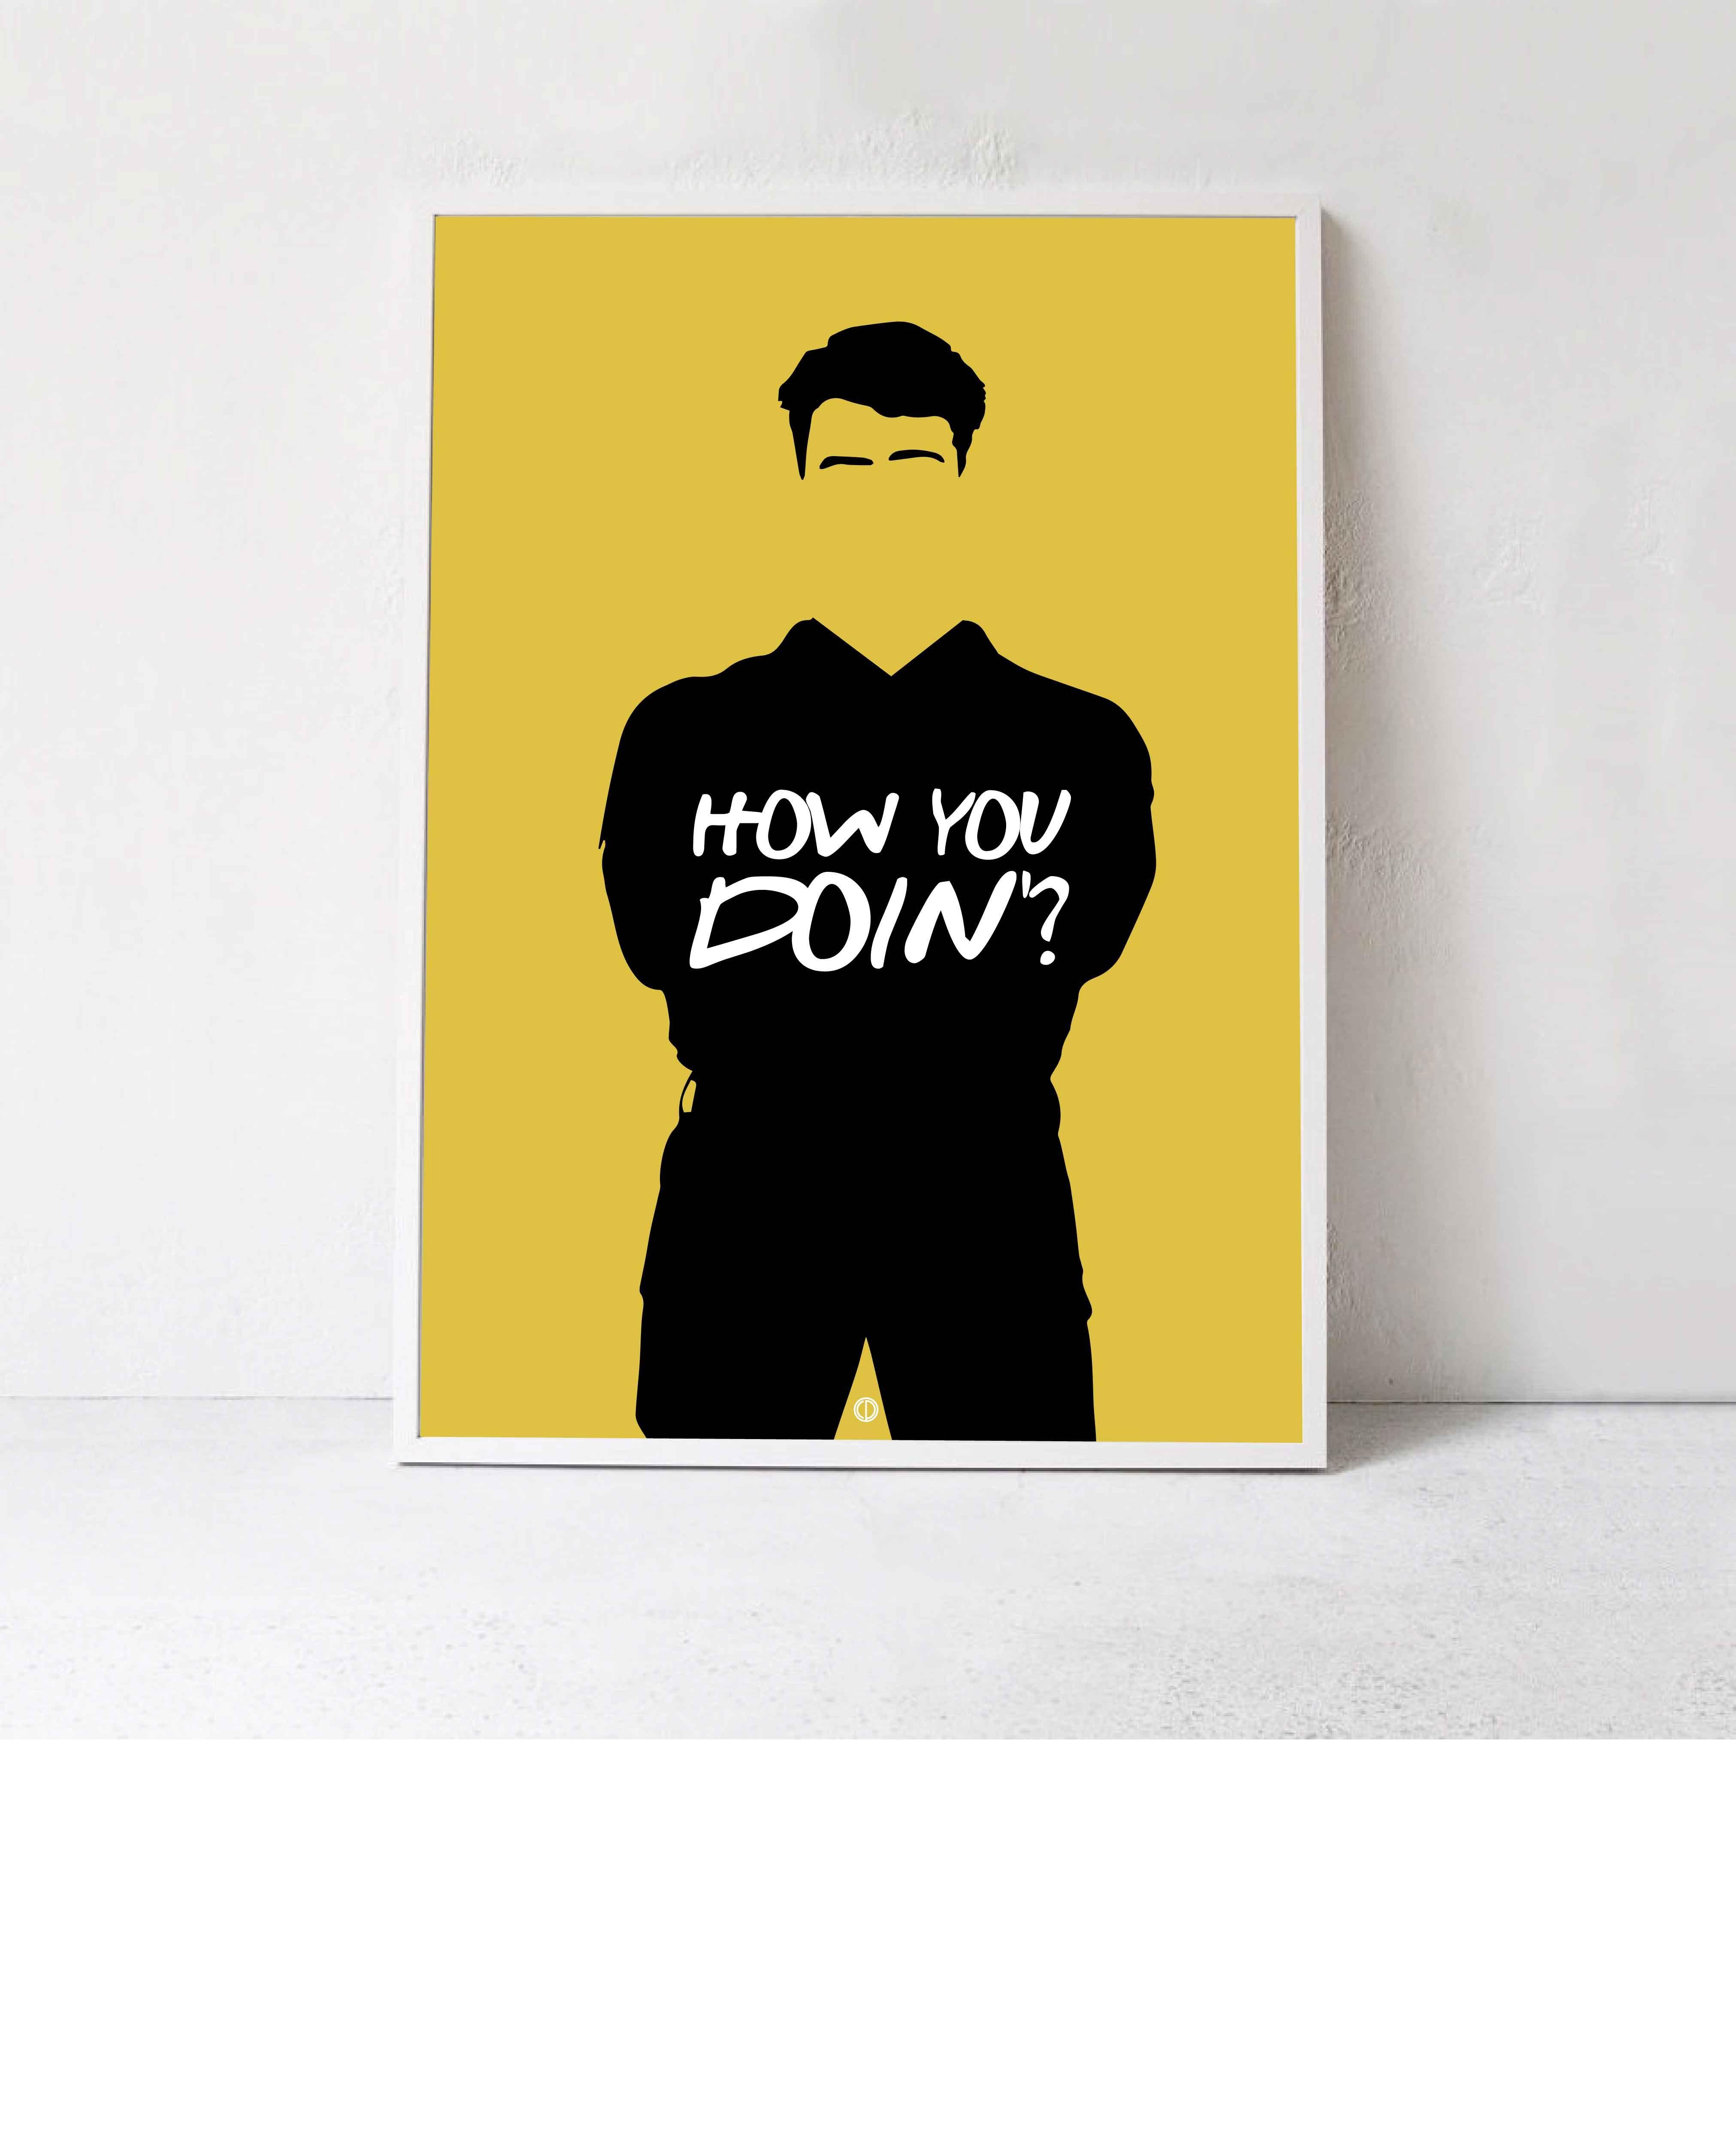 How You Doin Kob De Bedste Friends Plakater Lige Her Humoristiske Citater Plakater Sjoveste Citater